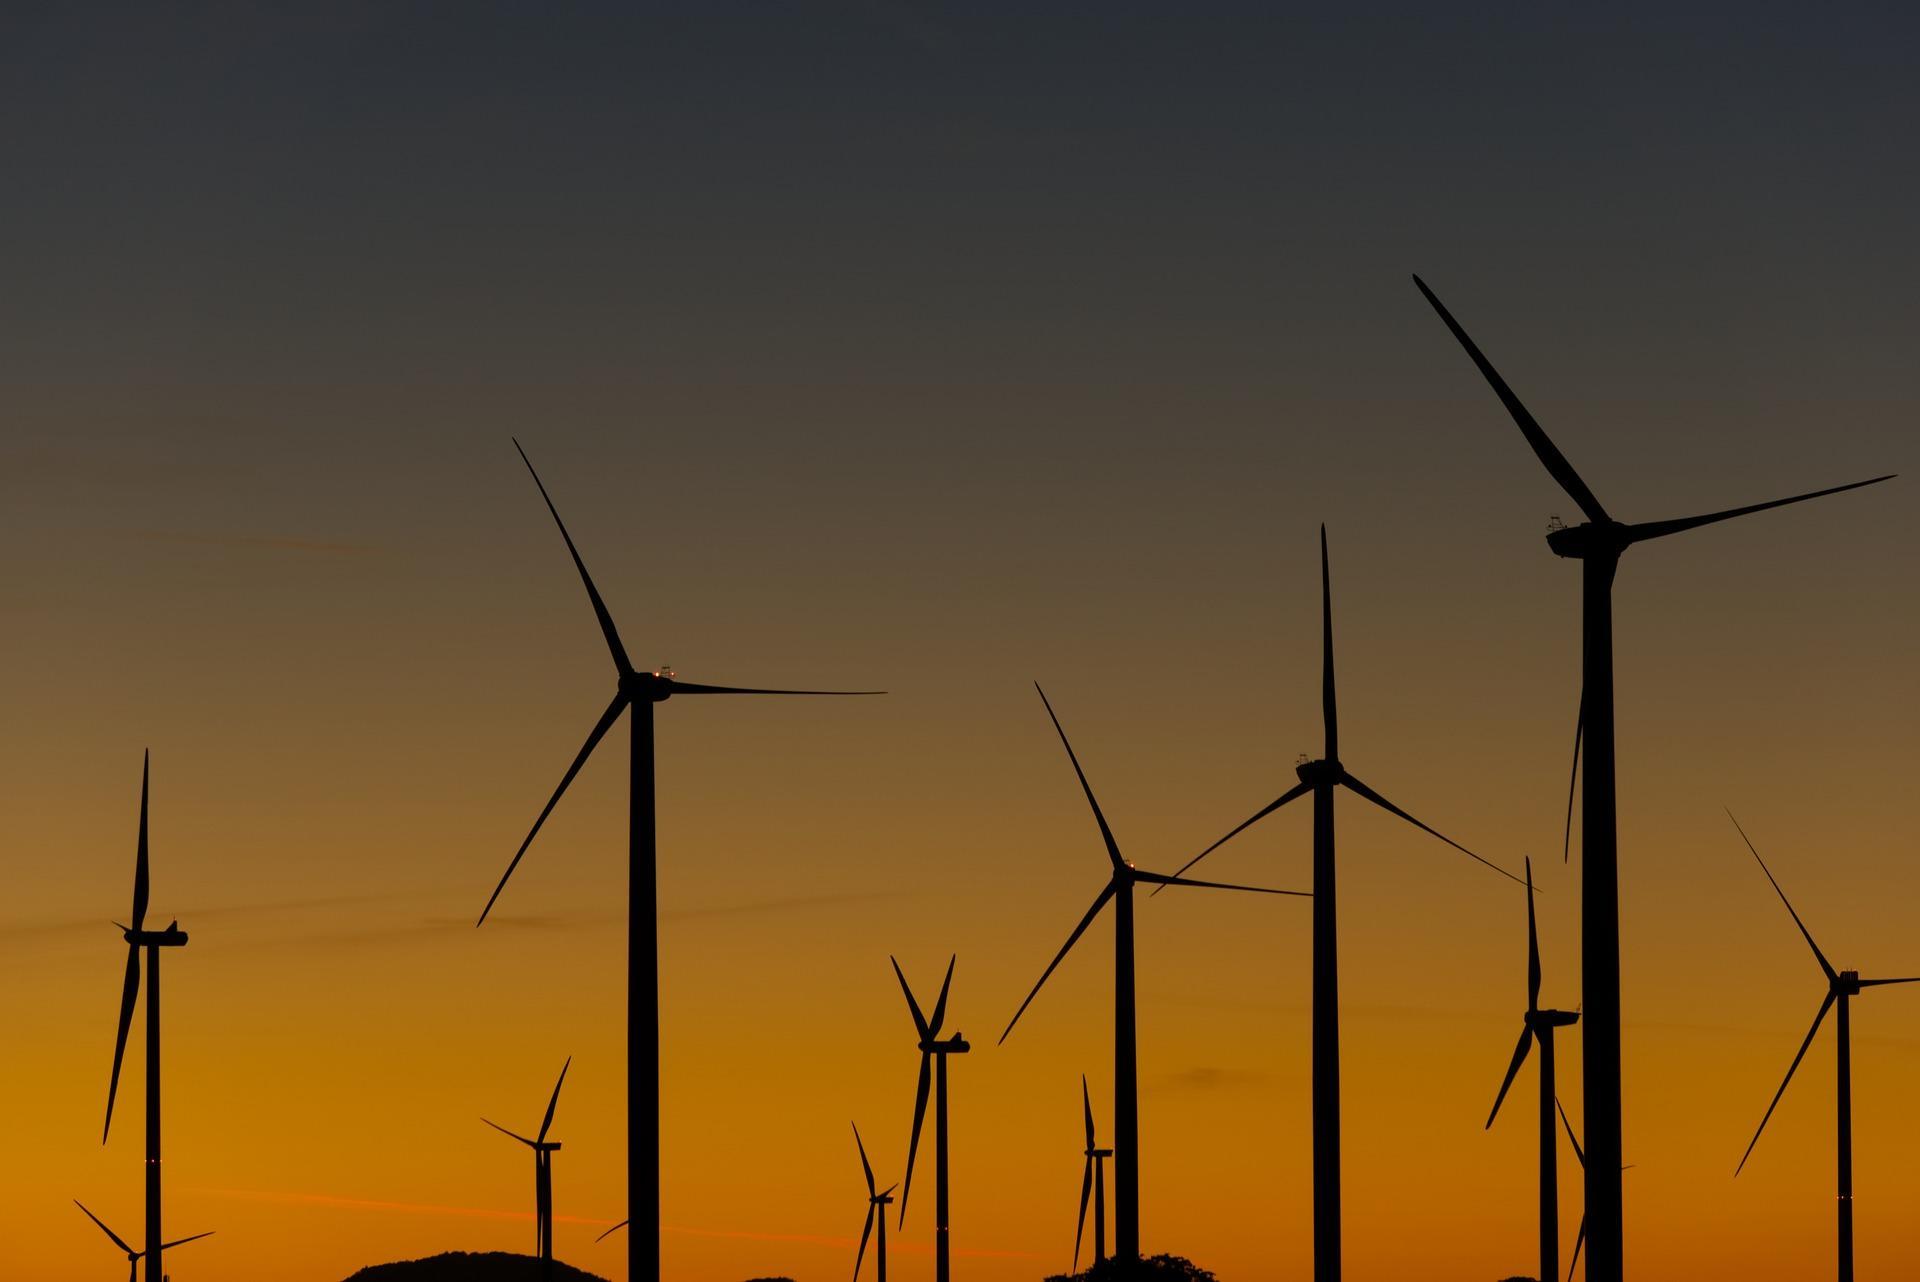 Die Anzahlung zum Kauf eines Solarparks in Italien